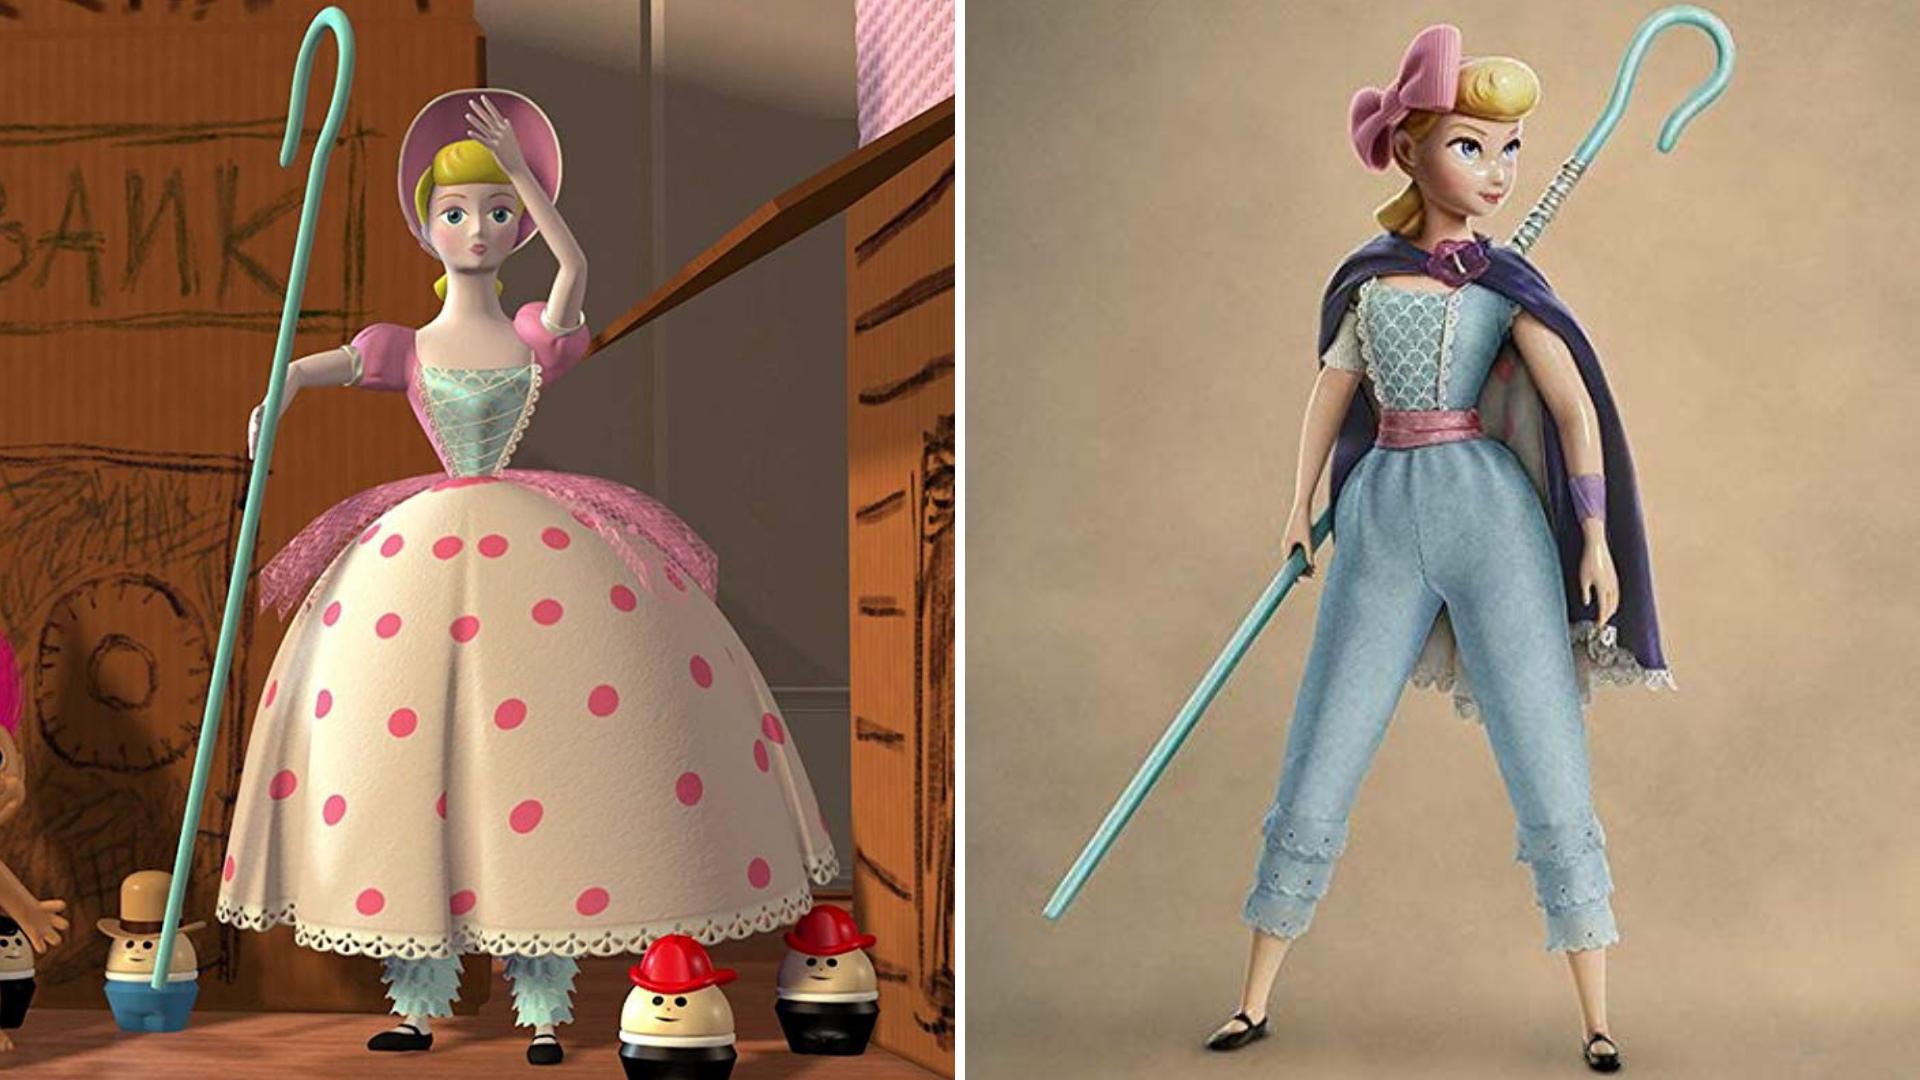 Visual aprimorado: Betty em 'Toy Story' (à esquerda) e em 'Toy Story 4' (à direita).